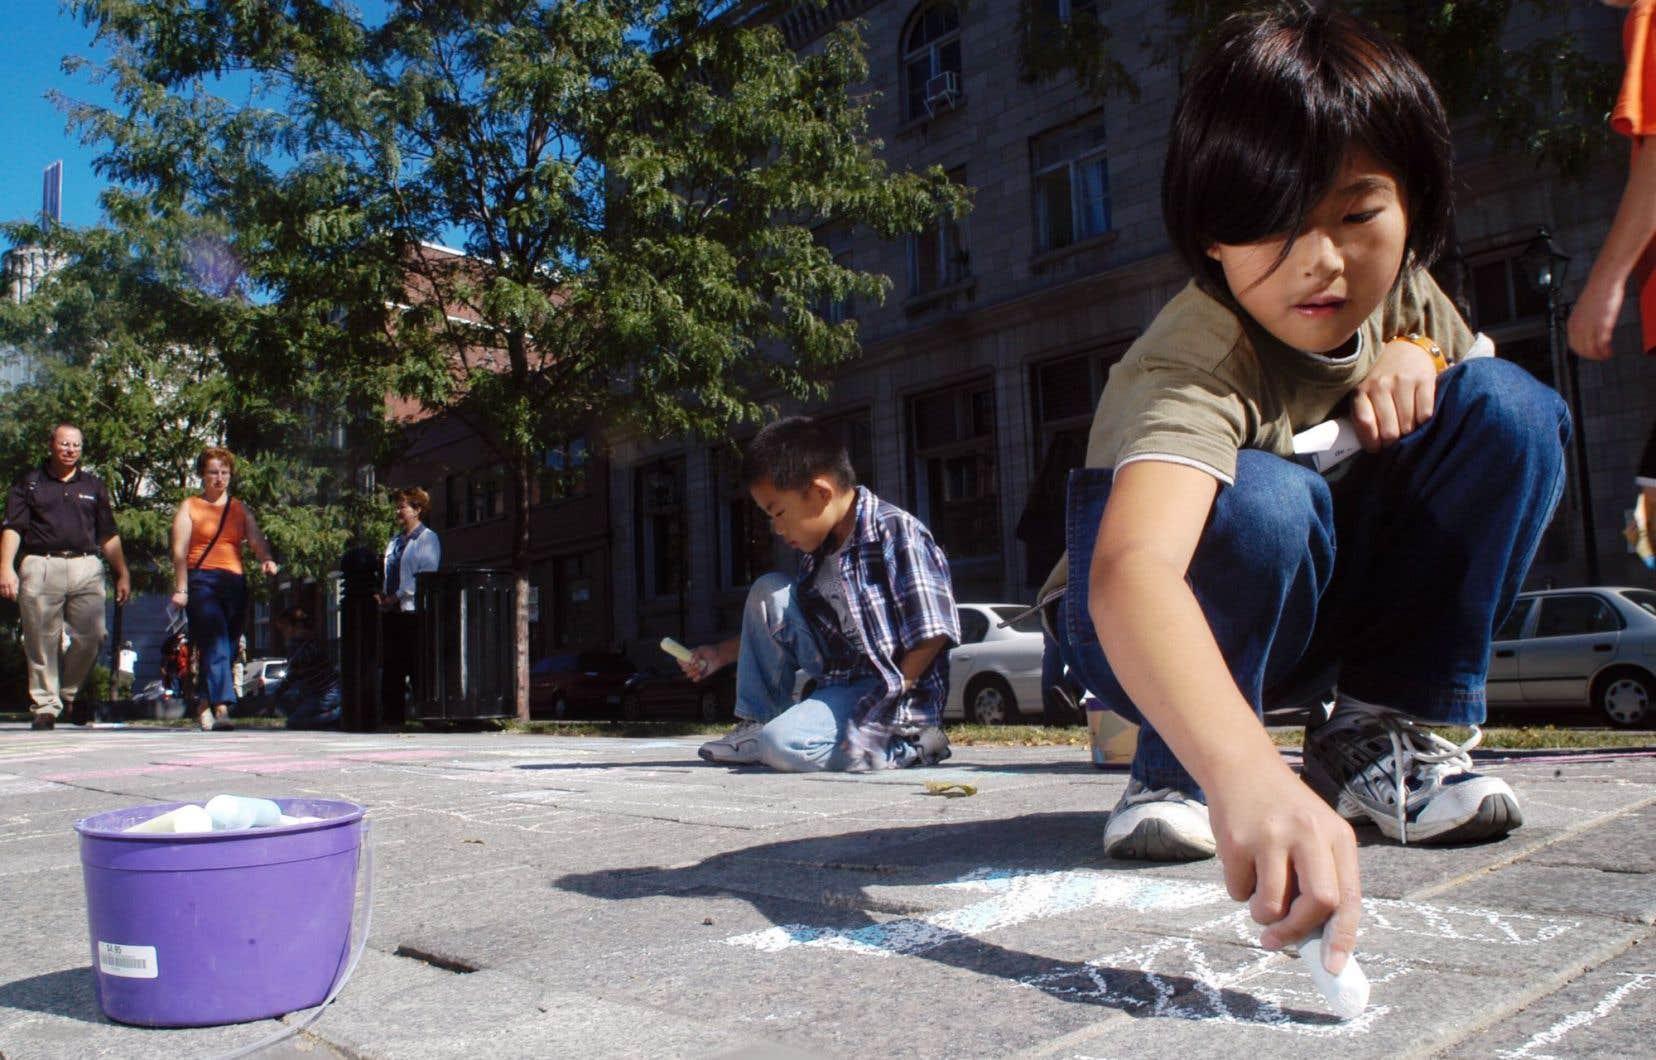 Permettre le jeu libre dans la rue inciterait plus d'enfants à faire de l'exercice, selon le député caquiste Simon Jolin-Barrette.